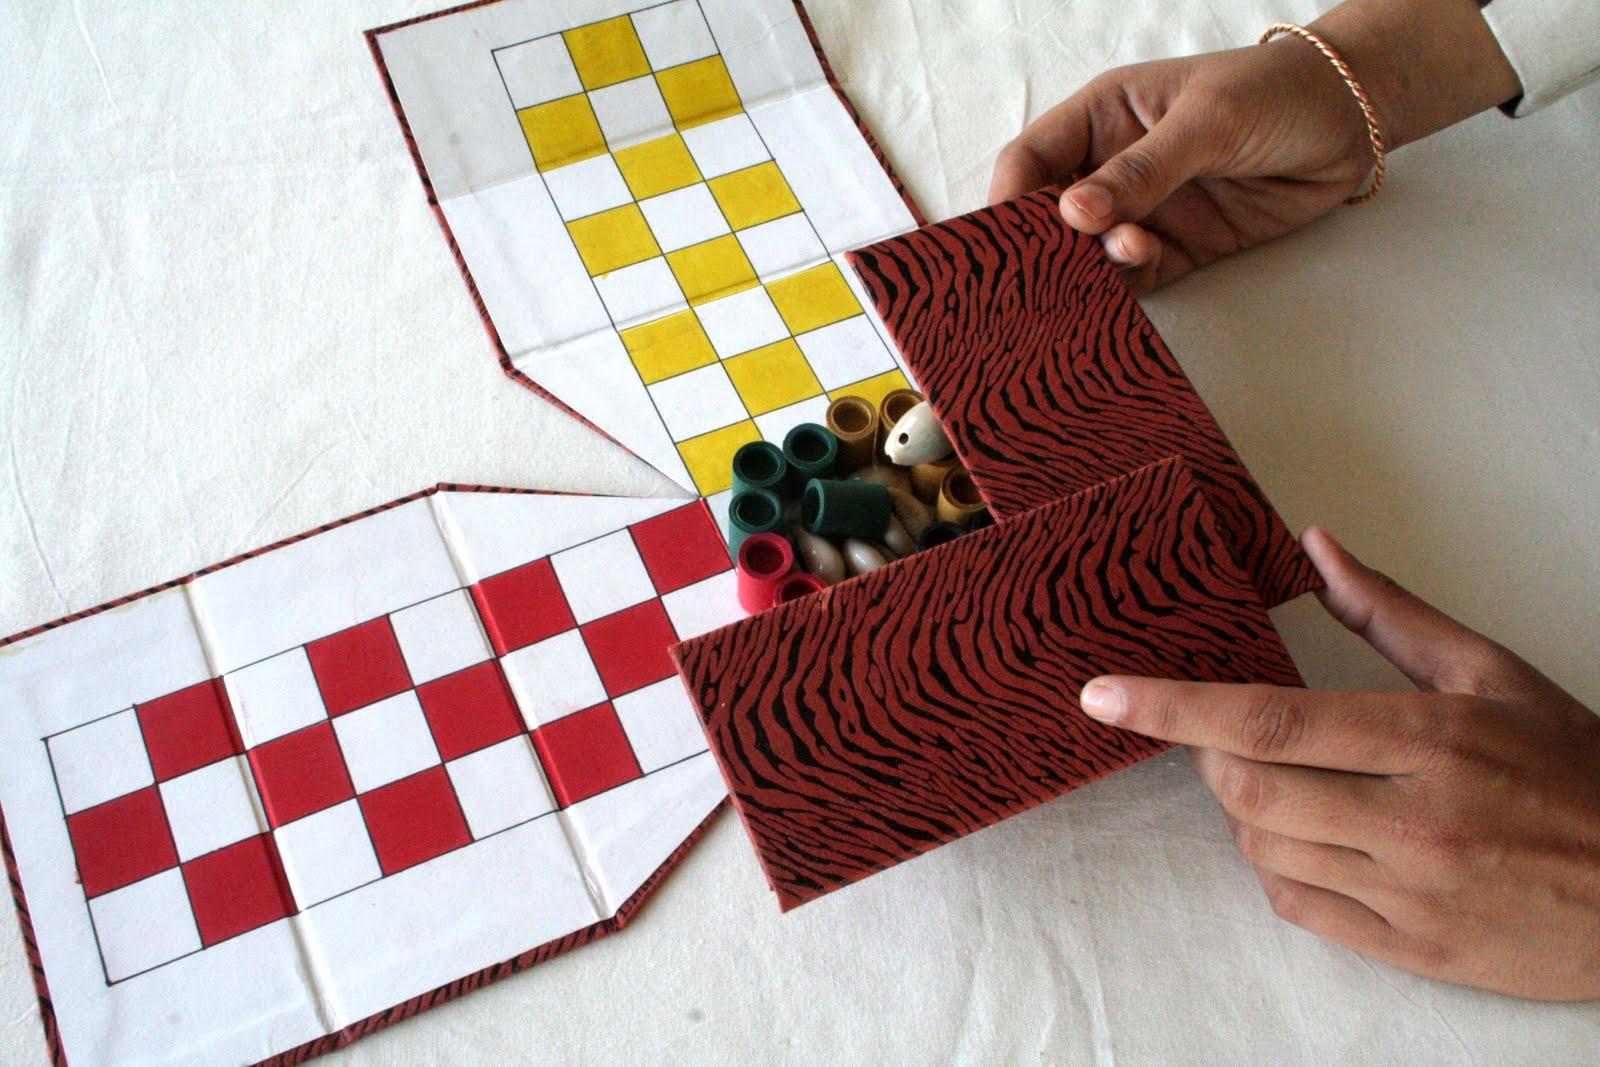 Khushi ram pandey traditional indian game chaupar